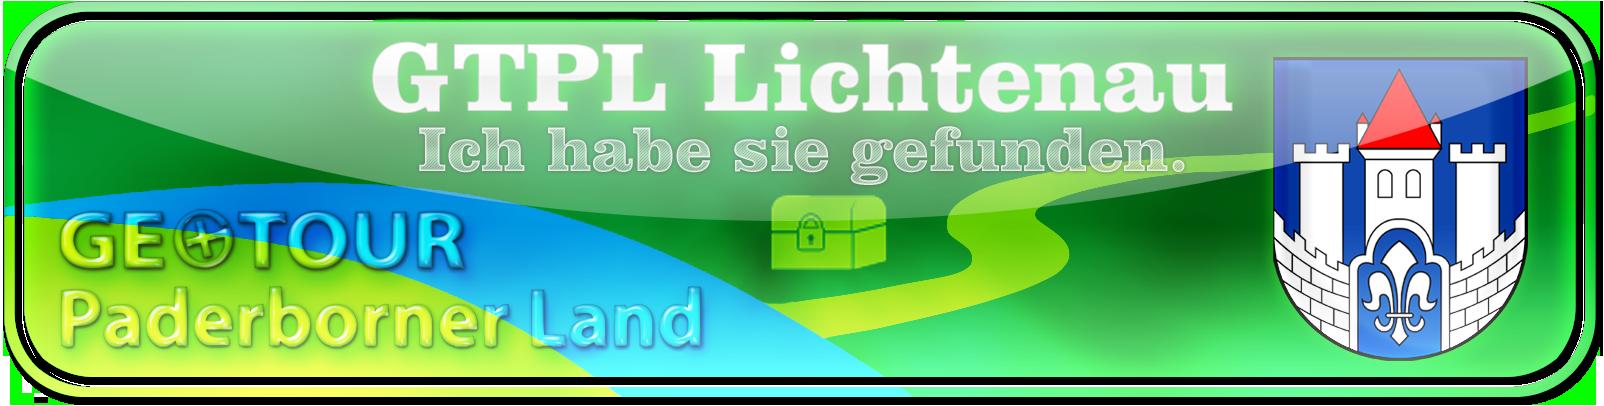 Banner GTPL Lichtenau